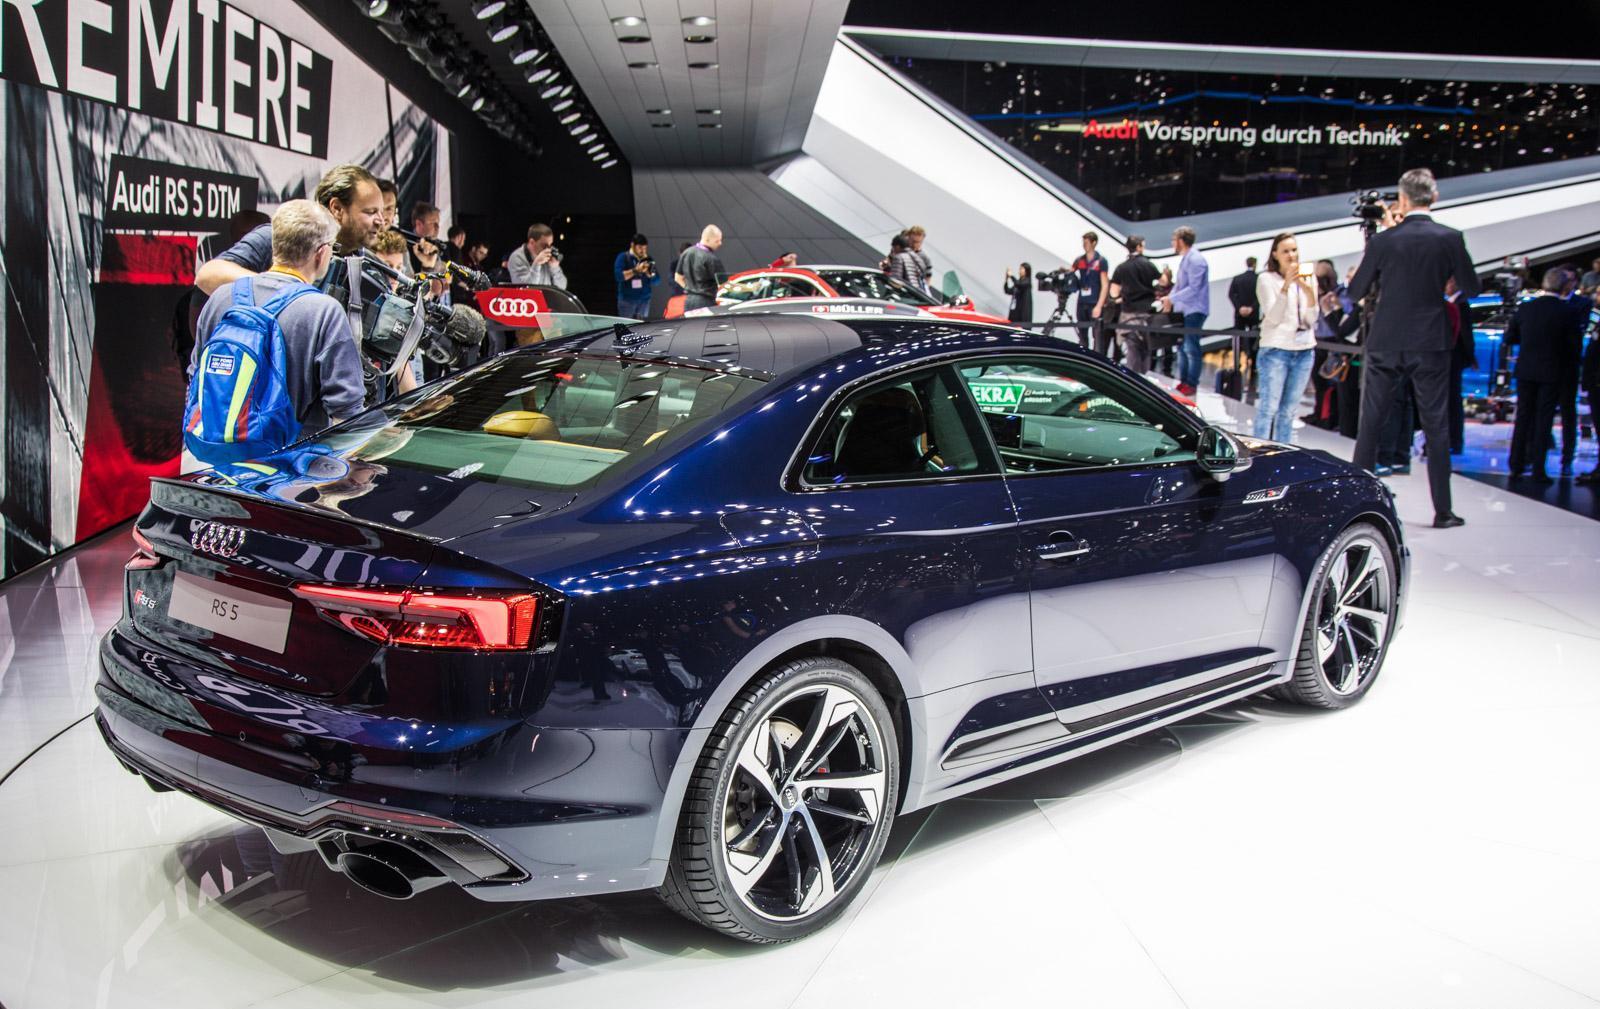 Audi-RS5-006